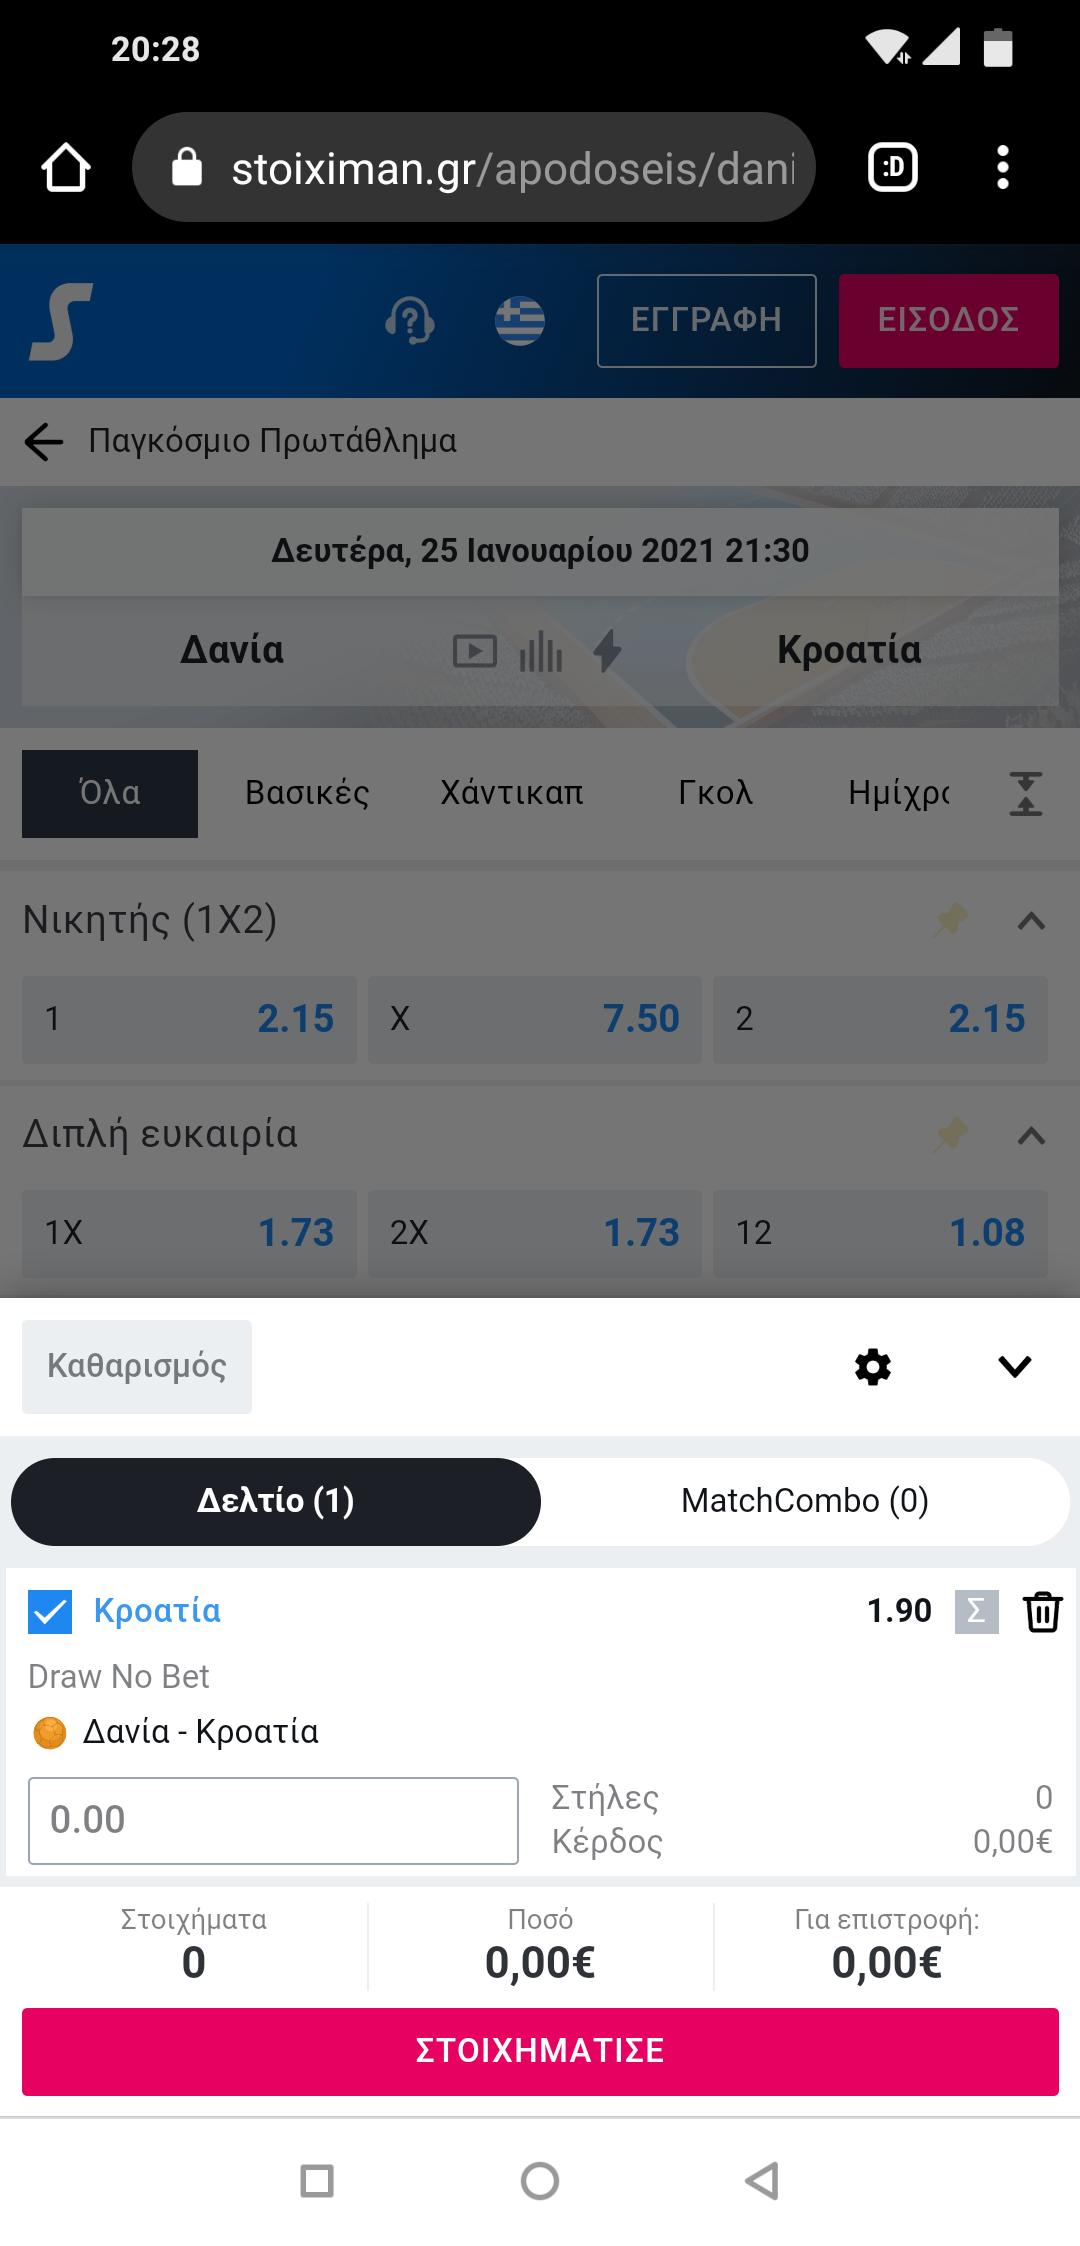 Screenshot_2021-01-25-20-28-34-144_com.android.chrome.png